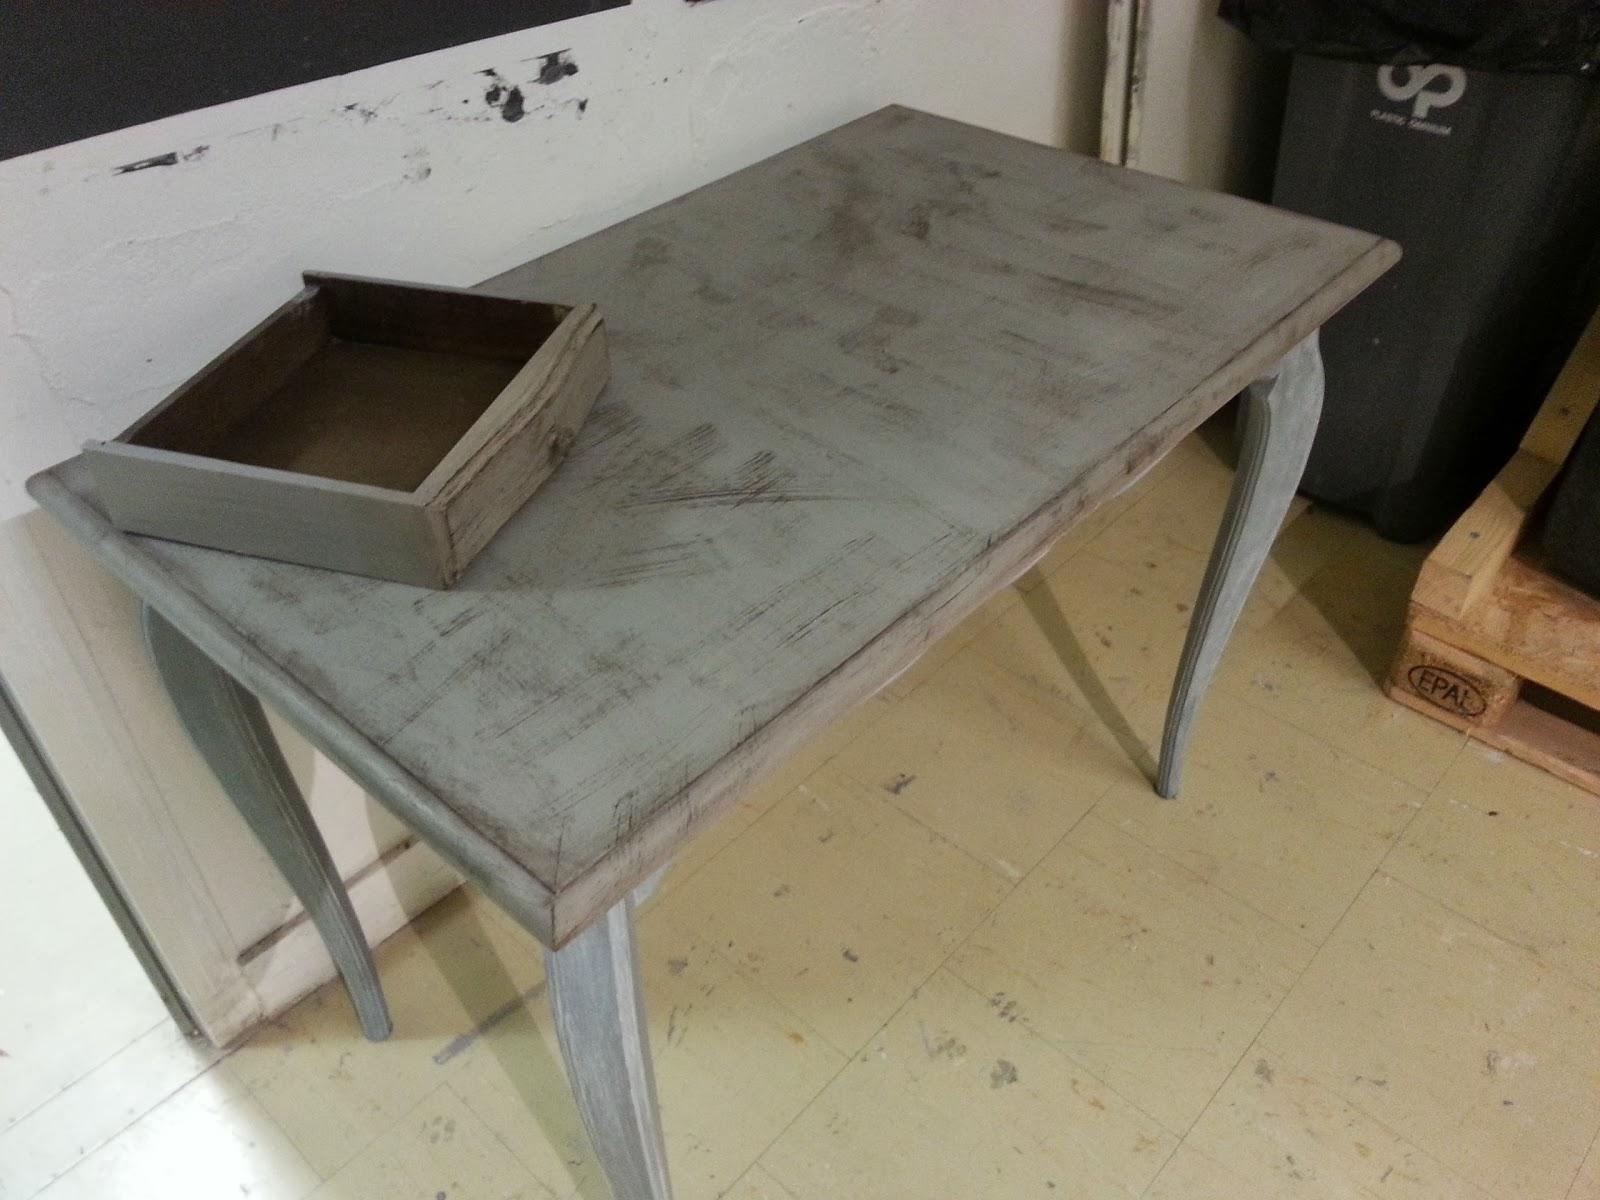 Peinture sur meuble table shabby chic cours de for Peinture sur meuble